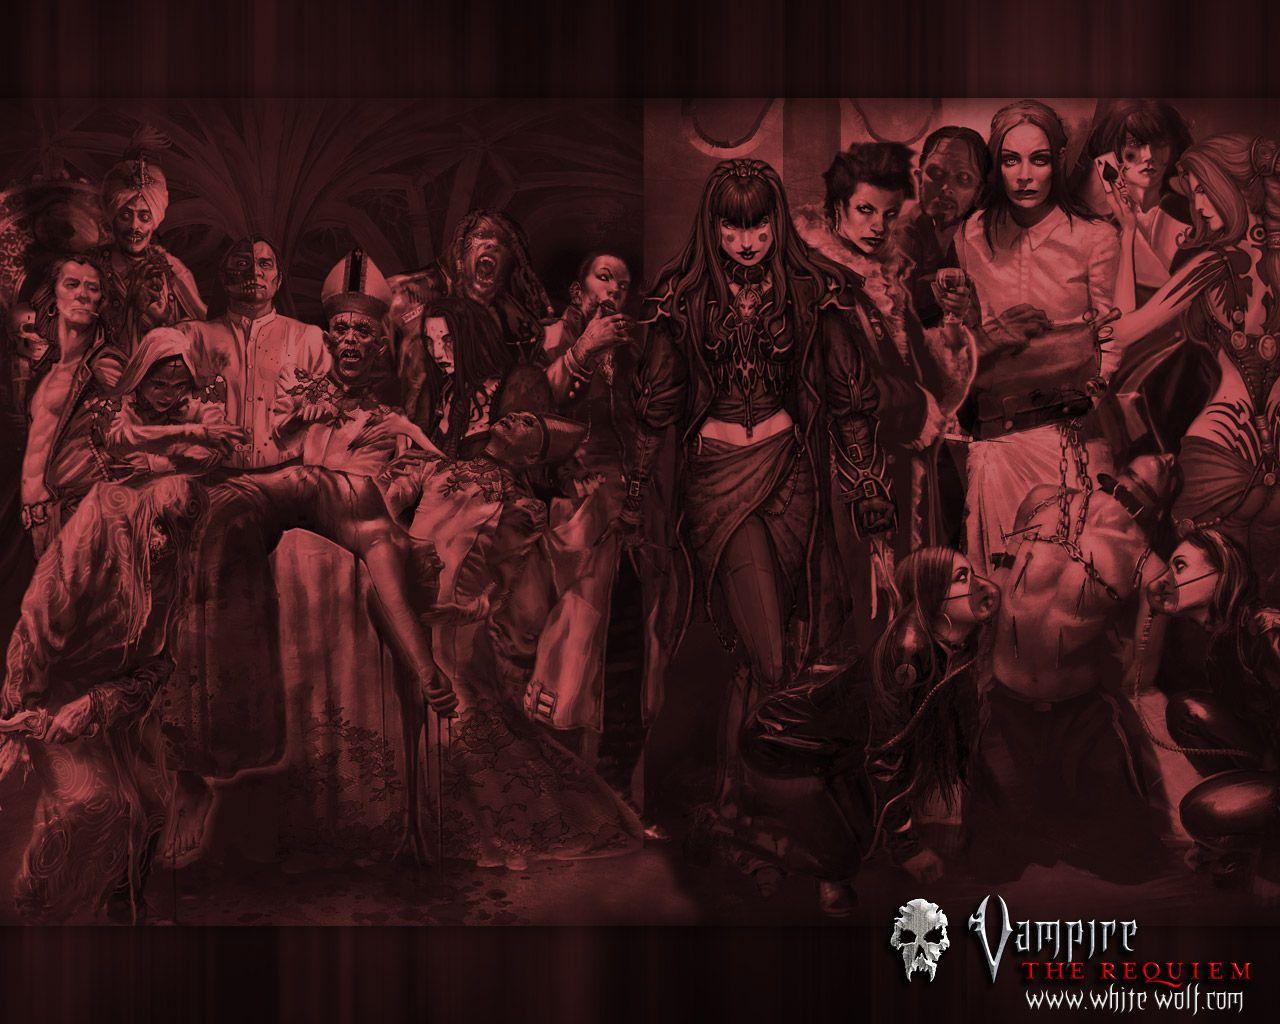 Vampire Art Images The Requiem Vampire The Masquerade Bloodlines Vampire The Requiem The Vampire Chronicles Vampire Art